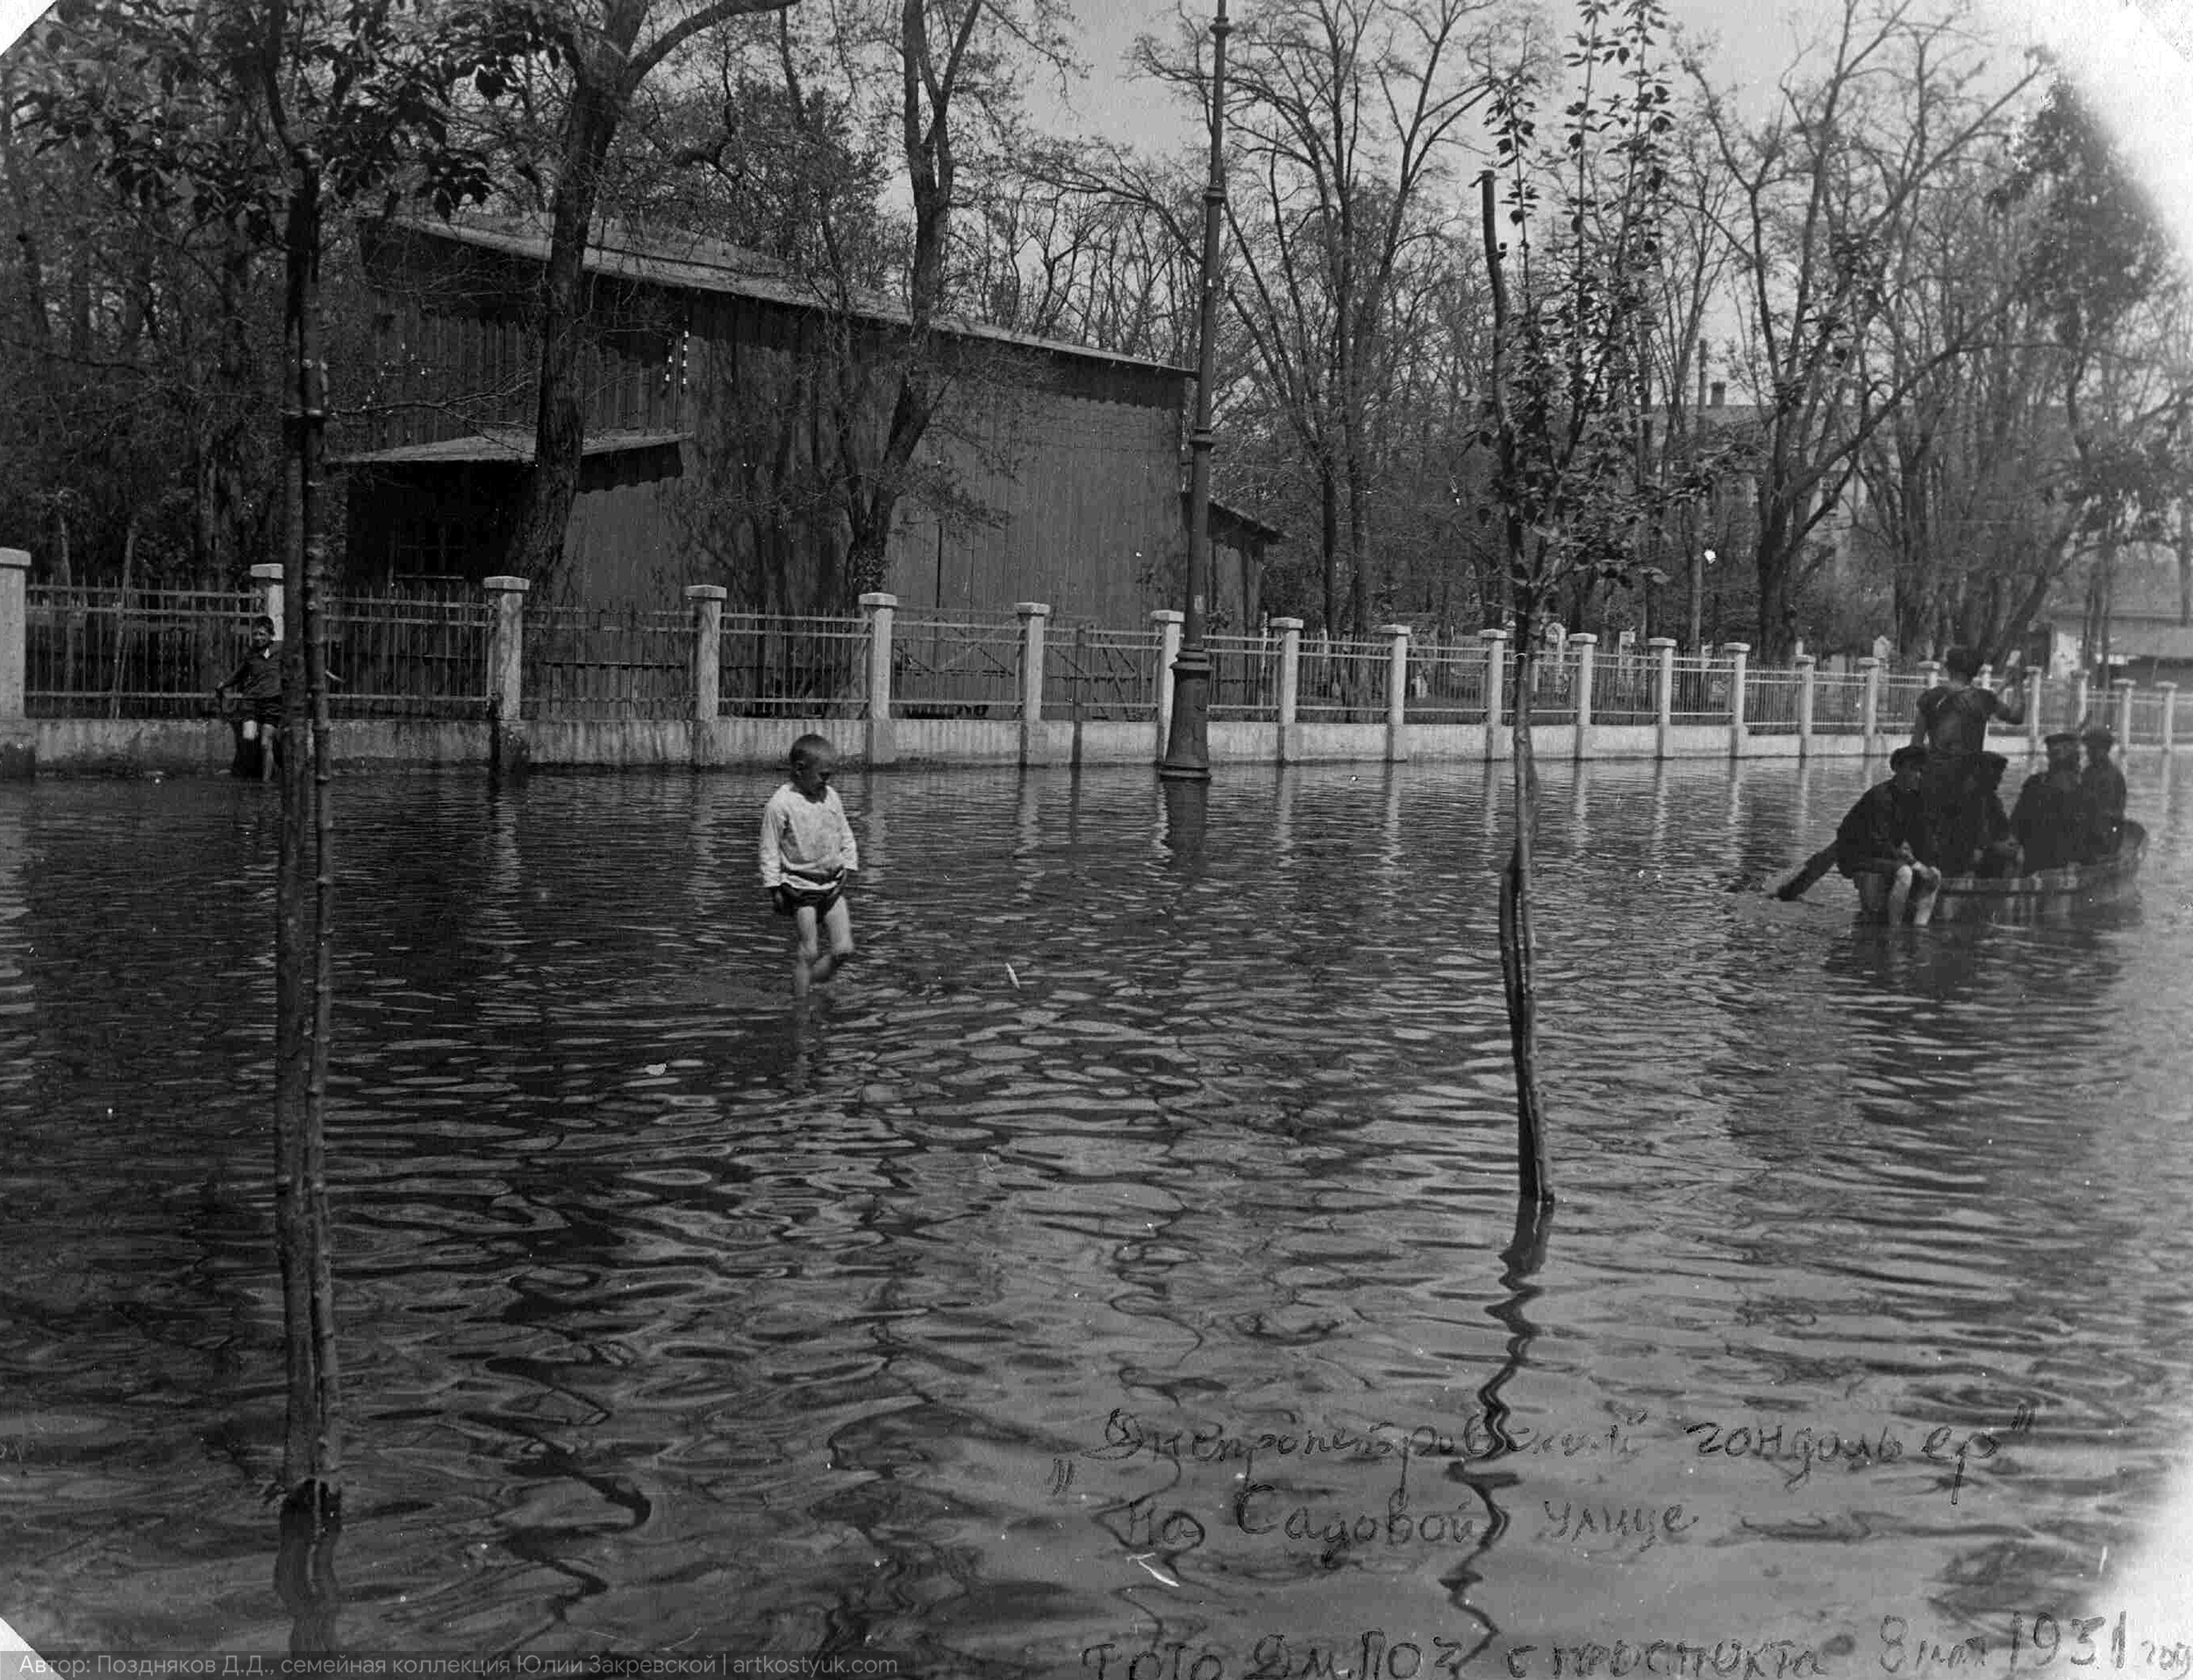 Уникальные снимки: в Сети показали последствия наводнения в Днепре в 1931 году (Фото). Афиша Днепра